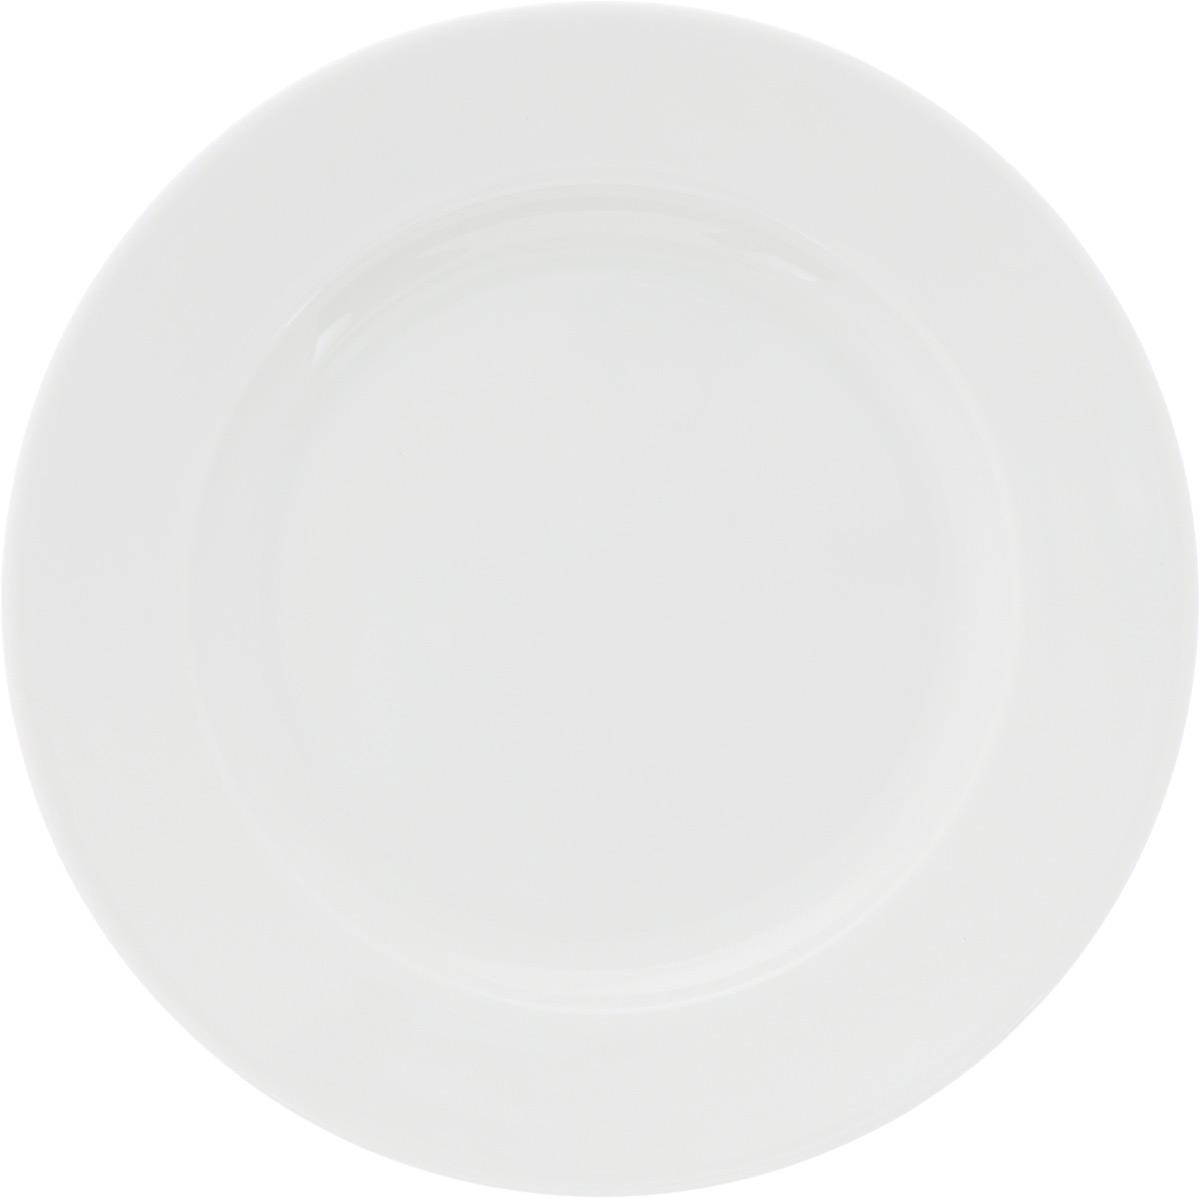 Тарелка мелкая Ariane Прайм, диаметр 17 смAPRARN11017Мелкая тарелка Ariane Прайм, изготовленная из высококачественного фарфора, имеет классическую круглую форму. Такая тарелка прекрасно подходит как для торжественных случаев, так и для повседневного использования. Идеальна для подачи десертов, пирожных, тортов и многого другого. Она прекрасно оформит стол и станет отличным дополнением к вашей коллекции кухонной посуды. Можно мыть в посудомоечной машине и использовать в микроволновой печи. Высота: 2 см. Диаметр тарелки: 17 см.